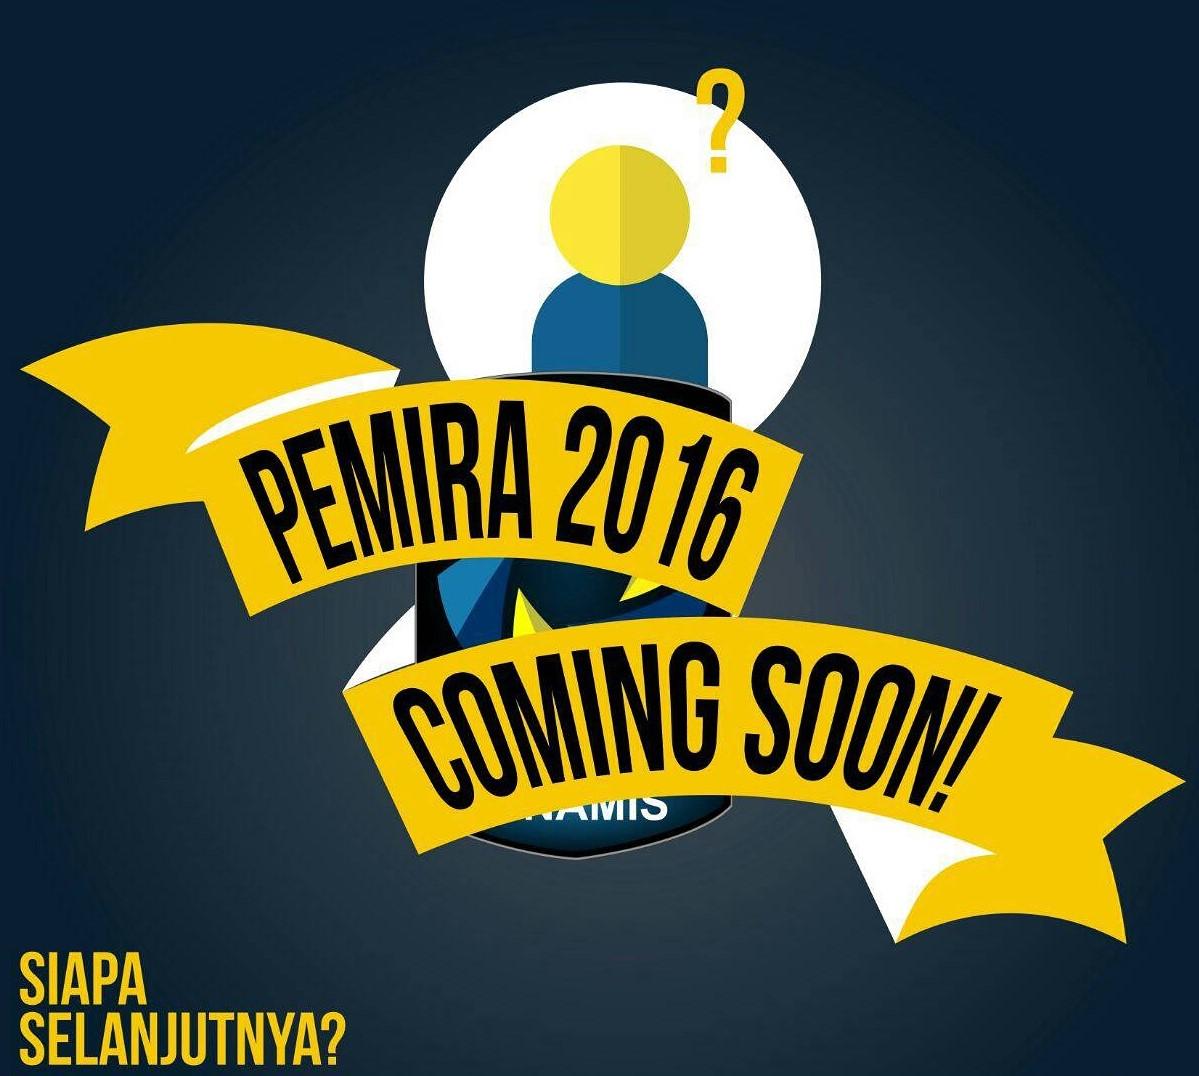 oprec-dpm-pemira-soon-2016-b